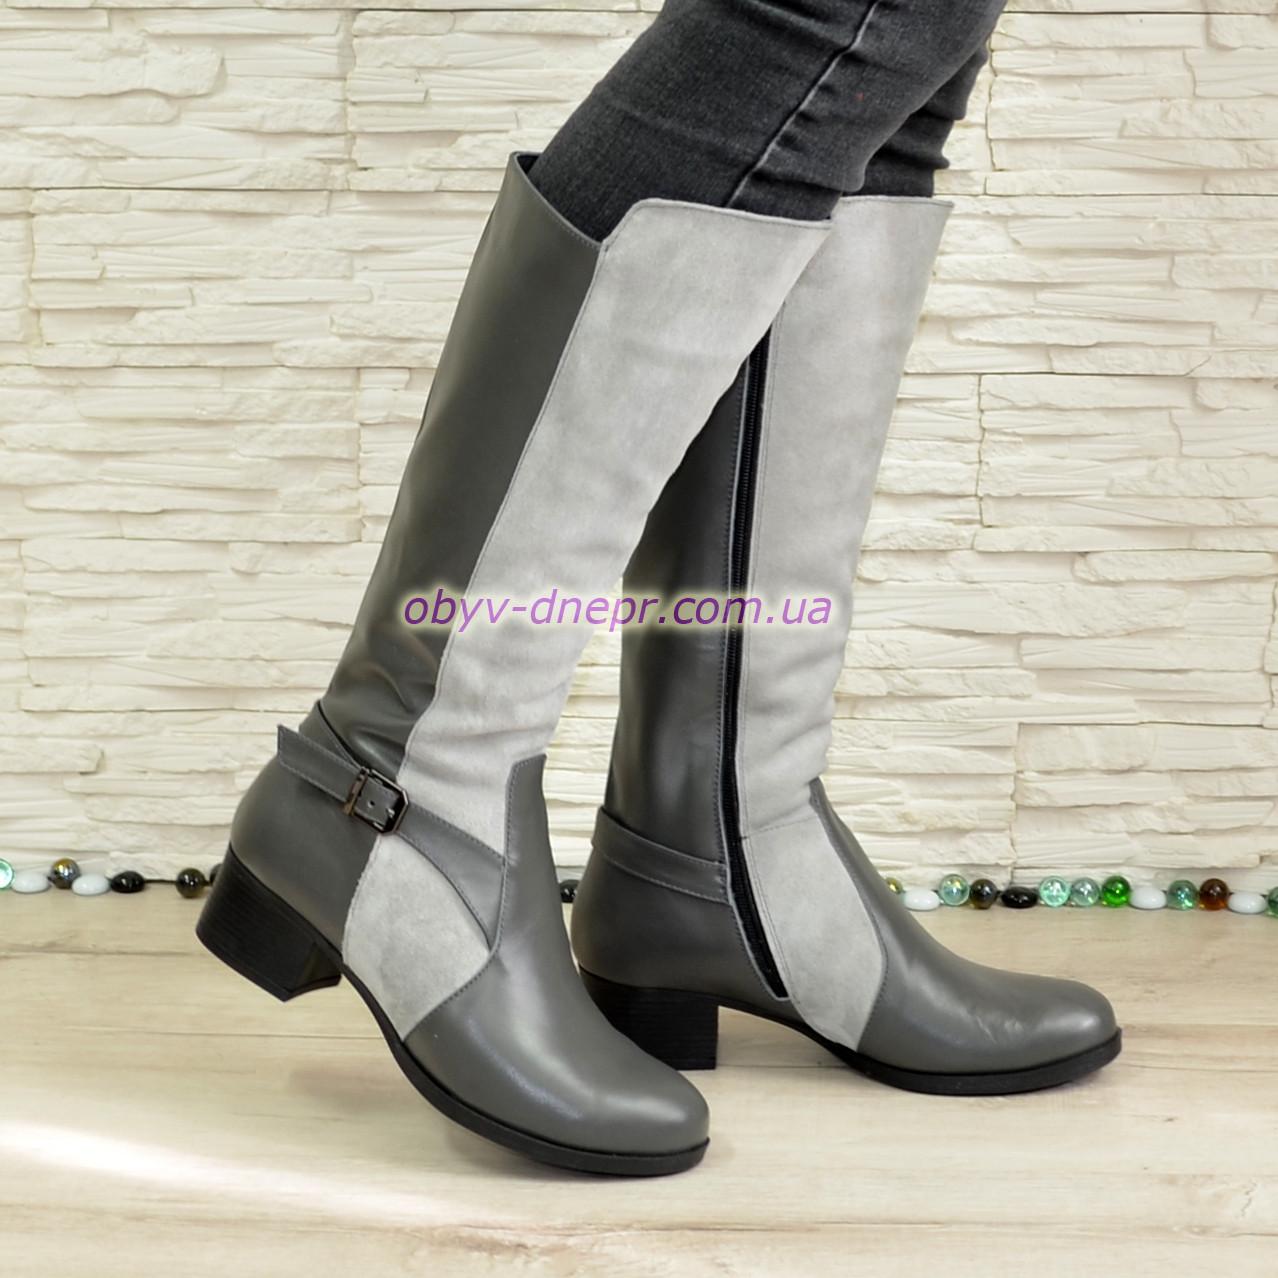 Сапоги комбинированные зимние на невысоком каблуке, декорированы ремешком.